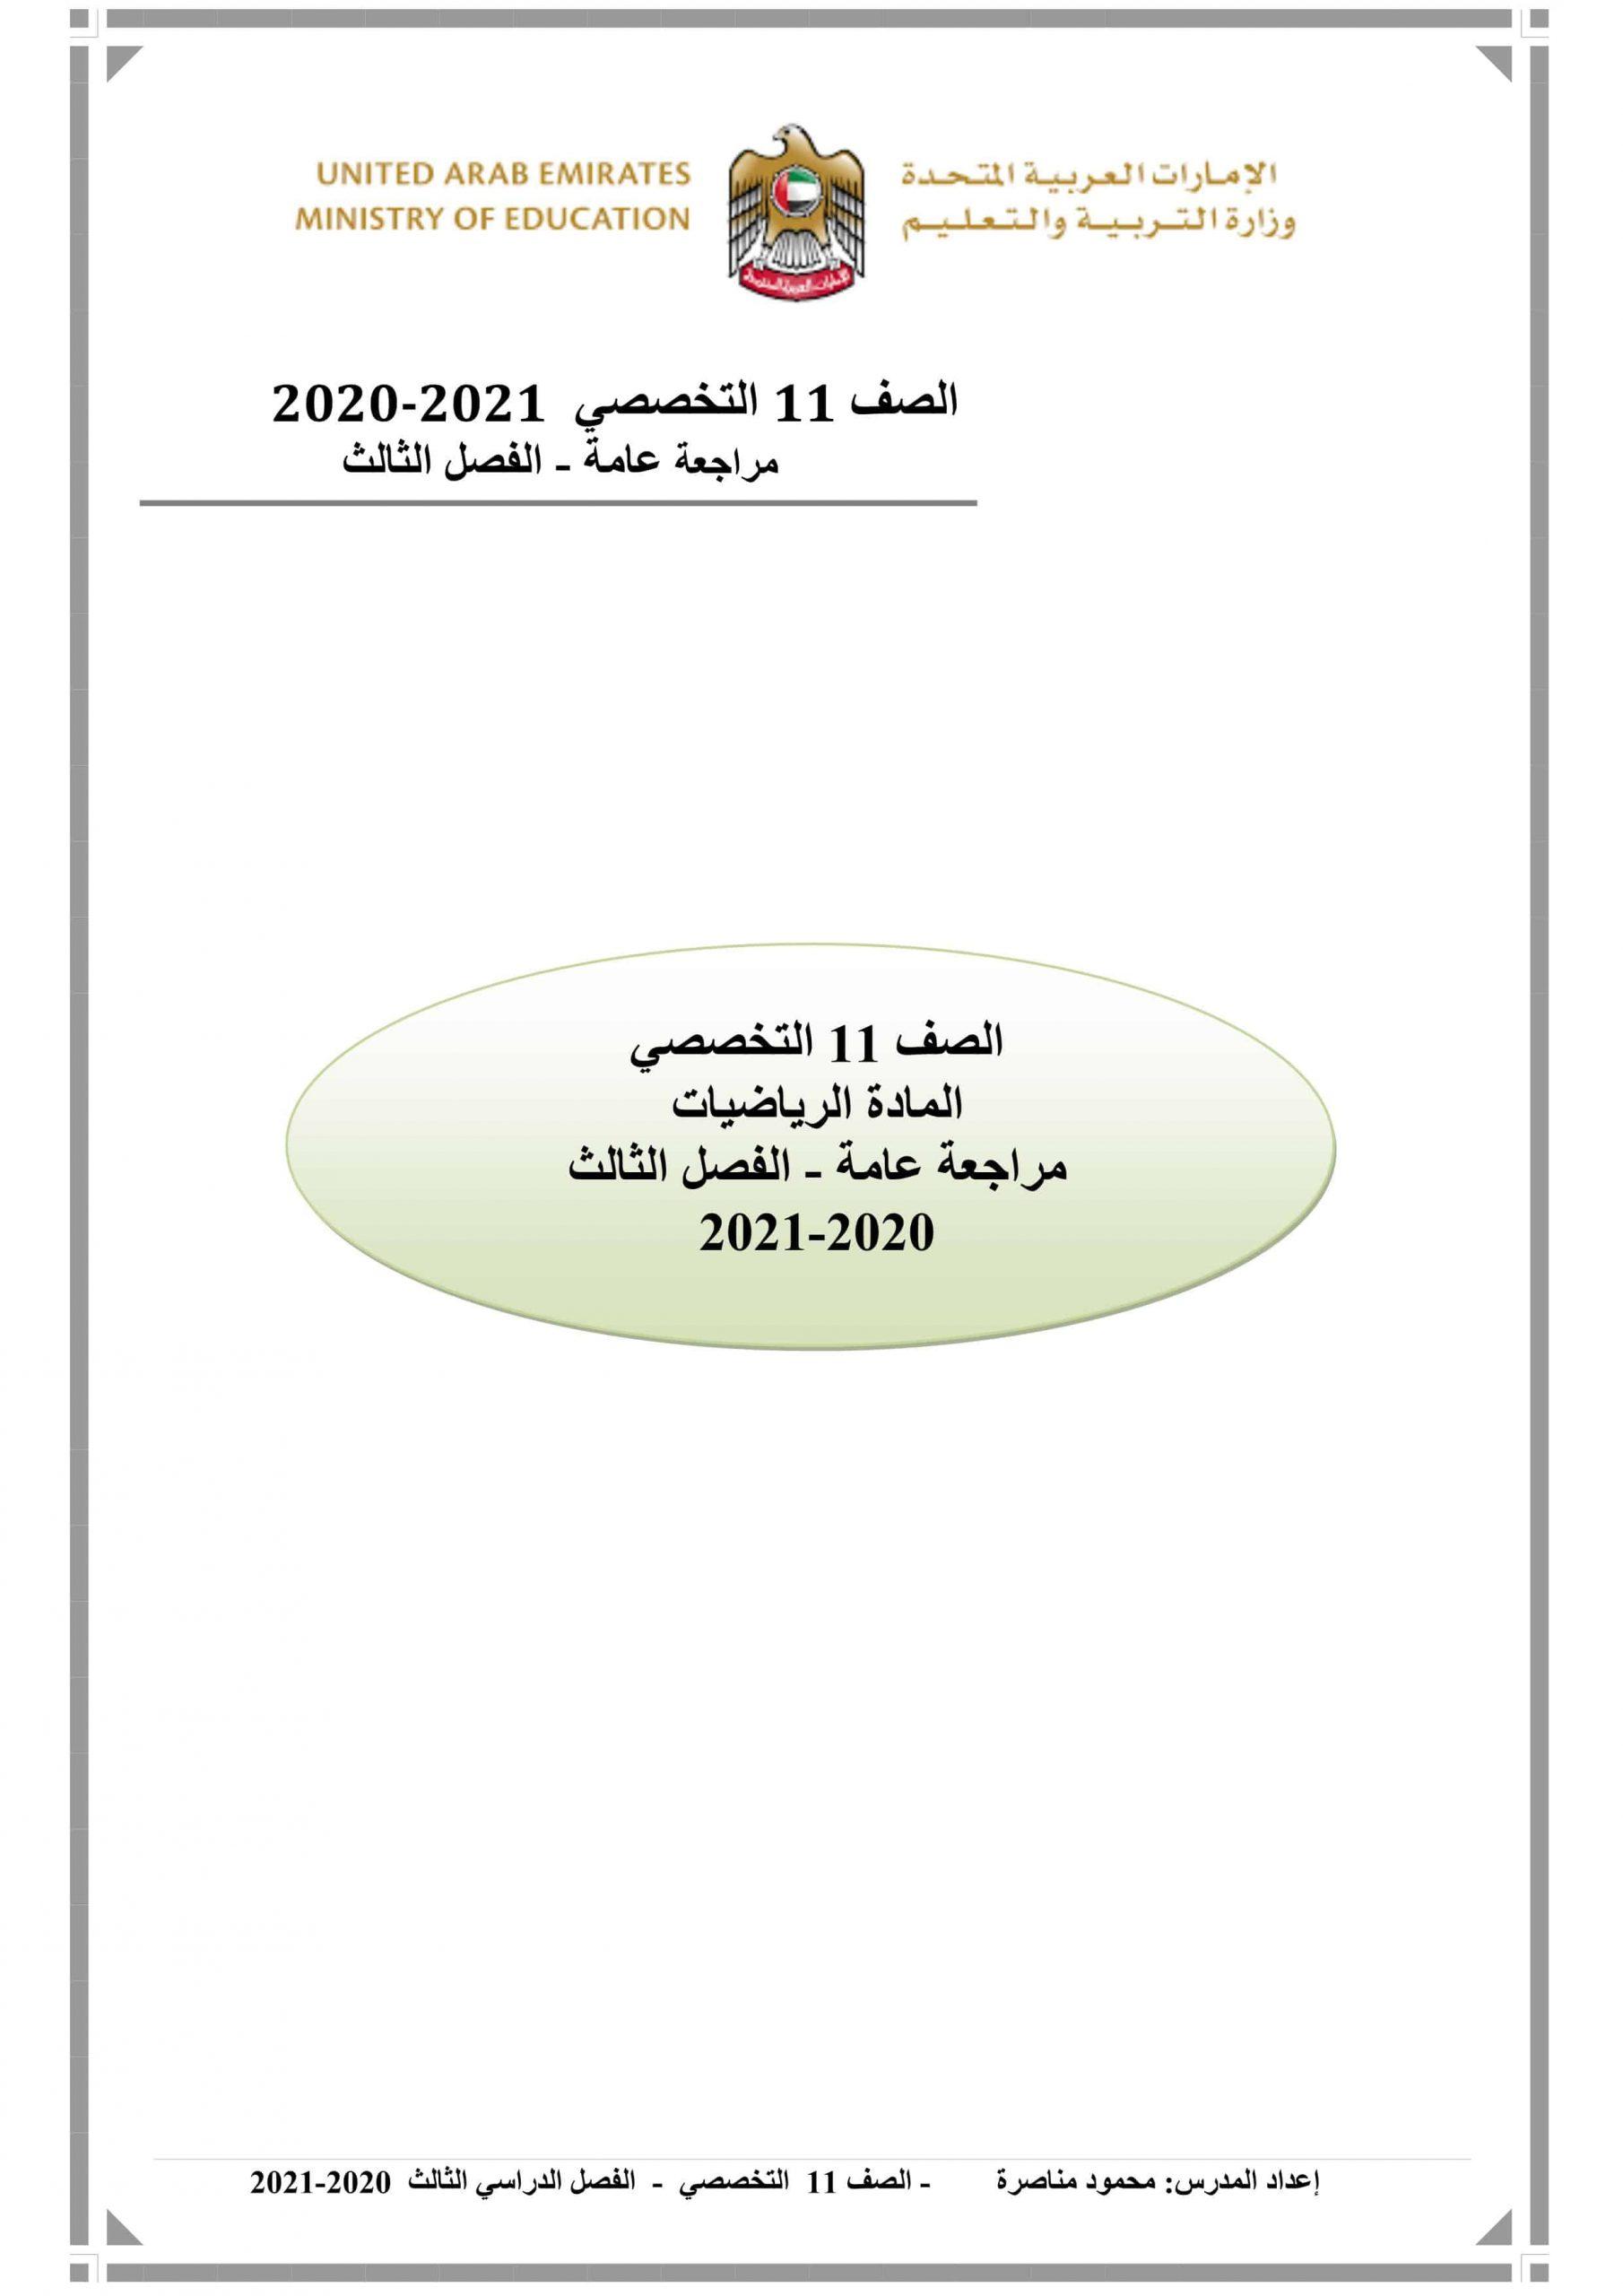 حل أوراق عمل مراجعة نهائية الصف الحادي عشر تخصصي مادة الرياضيات المتكاملة